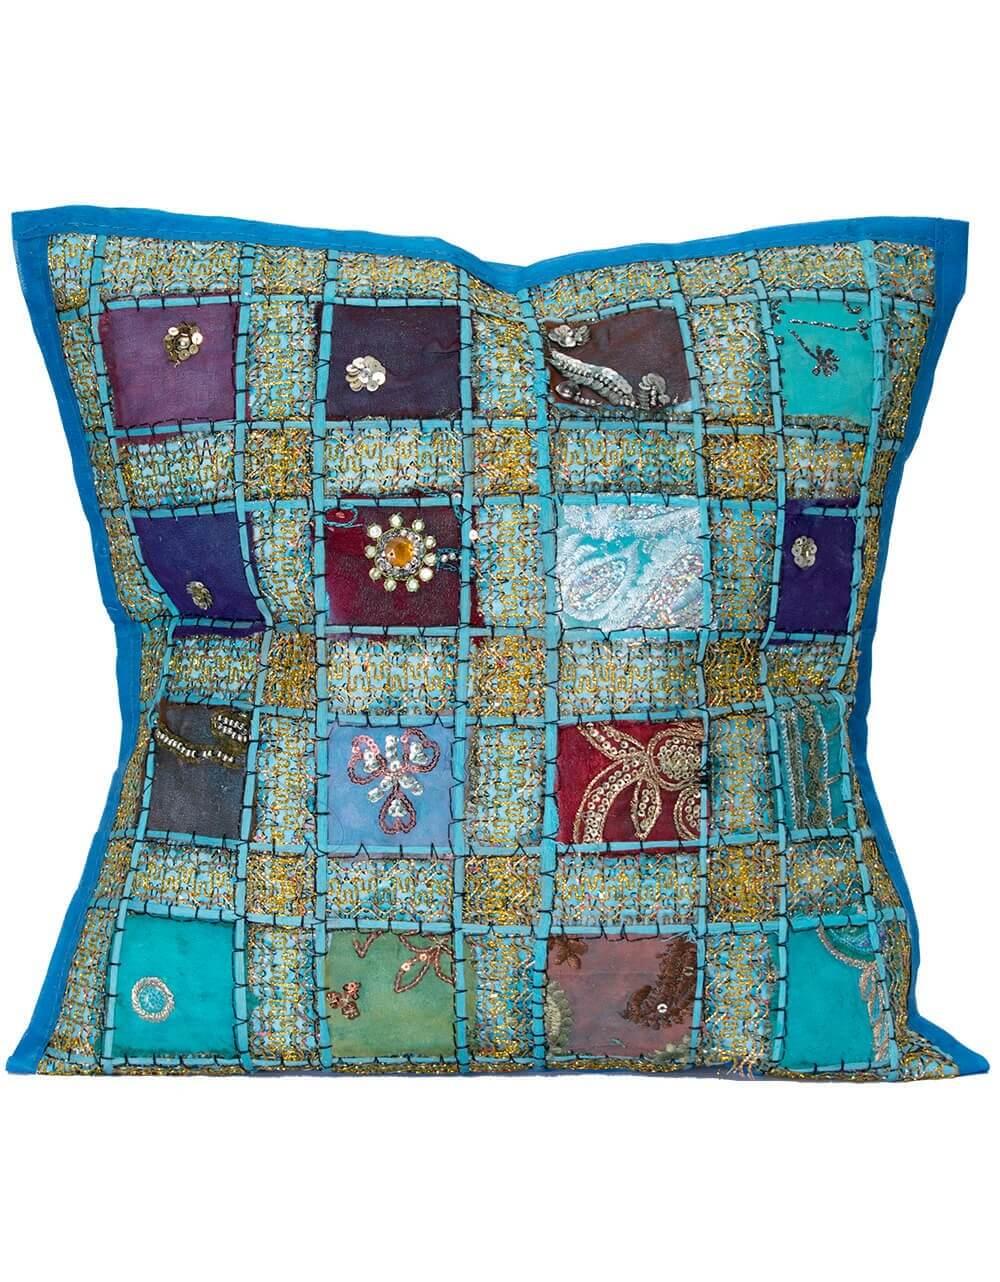 9b833bbae50 Kussen bohemian Ibiza blauw turquoise